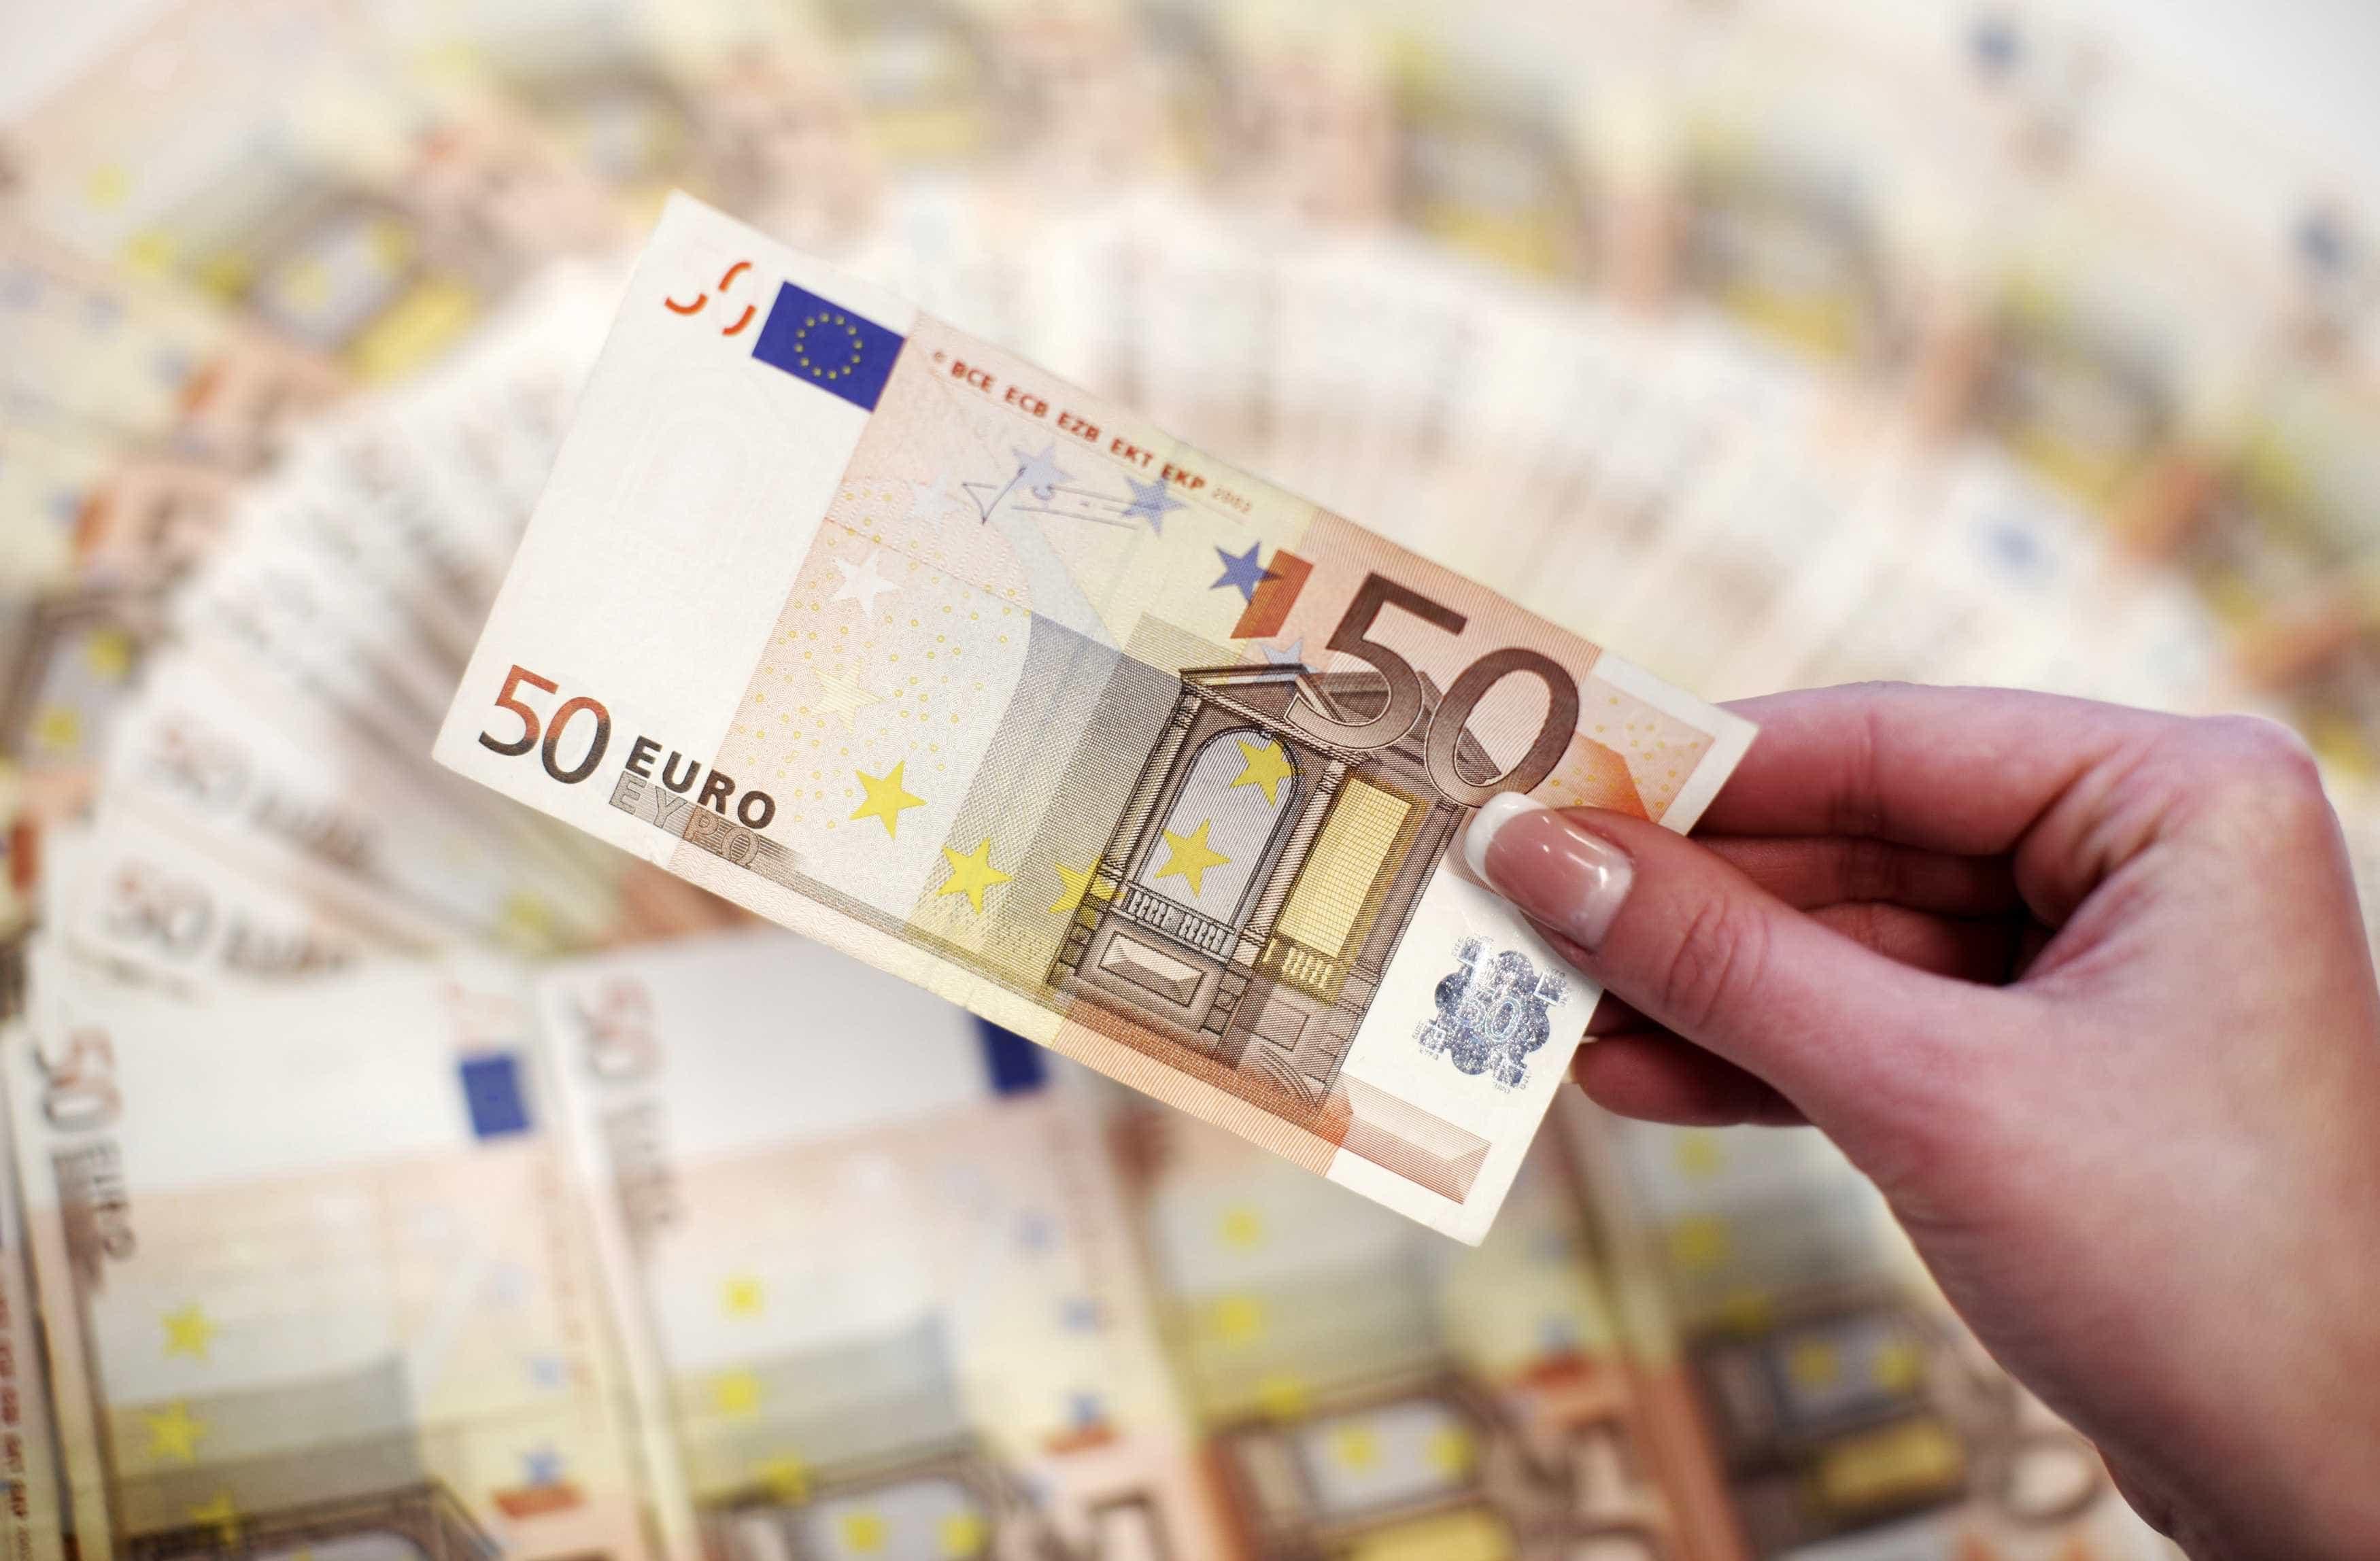 Relação confirma sentença que impõe coima de 50.000 euros à Meo